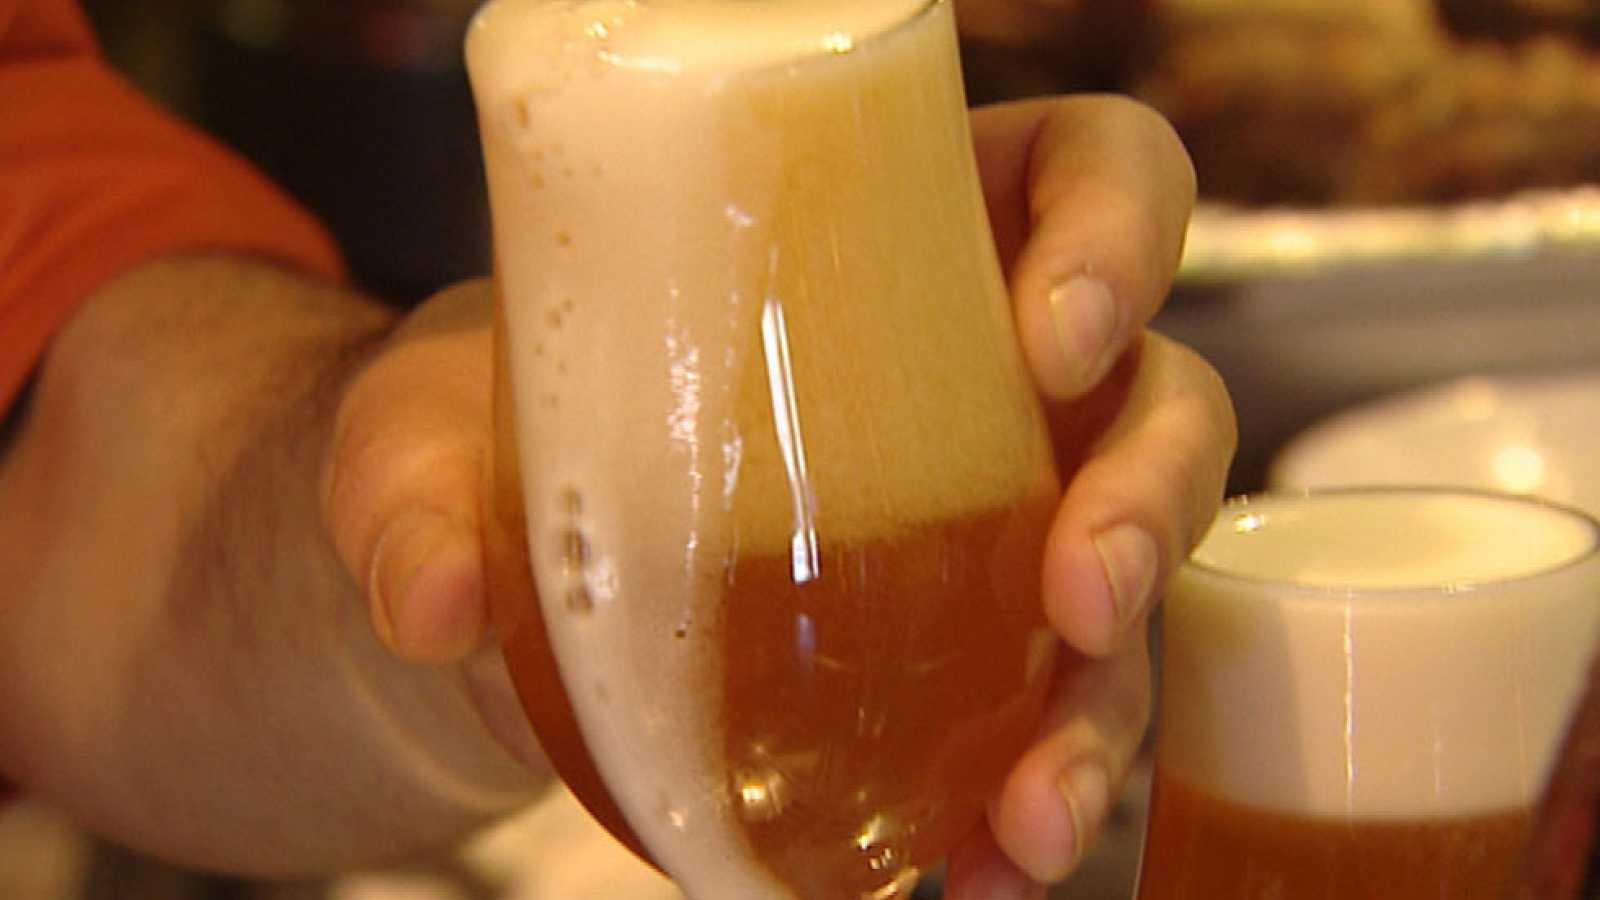 Una iniciativa propone que las bebidas alcohólicas especifíquen el contenido calórico en su etiquetado